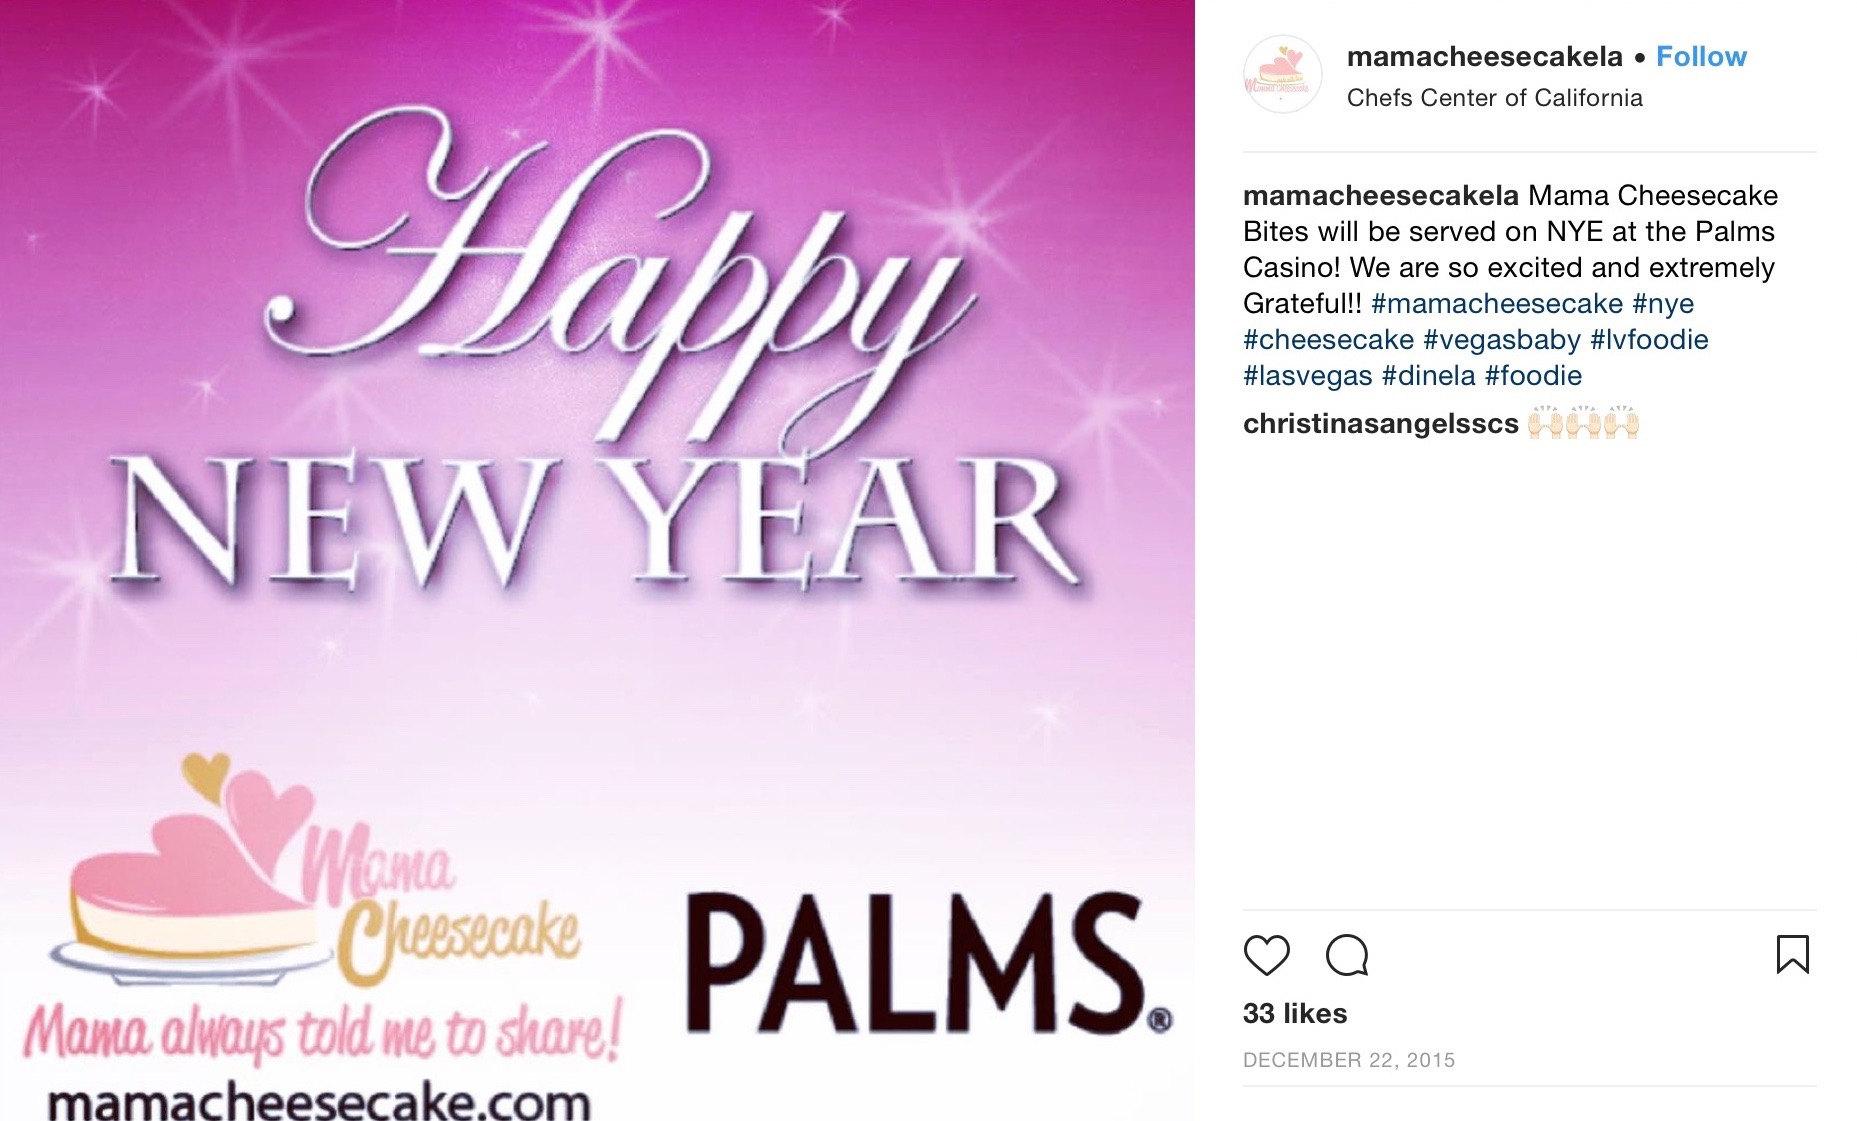 Palms-Las Vegas